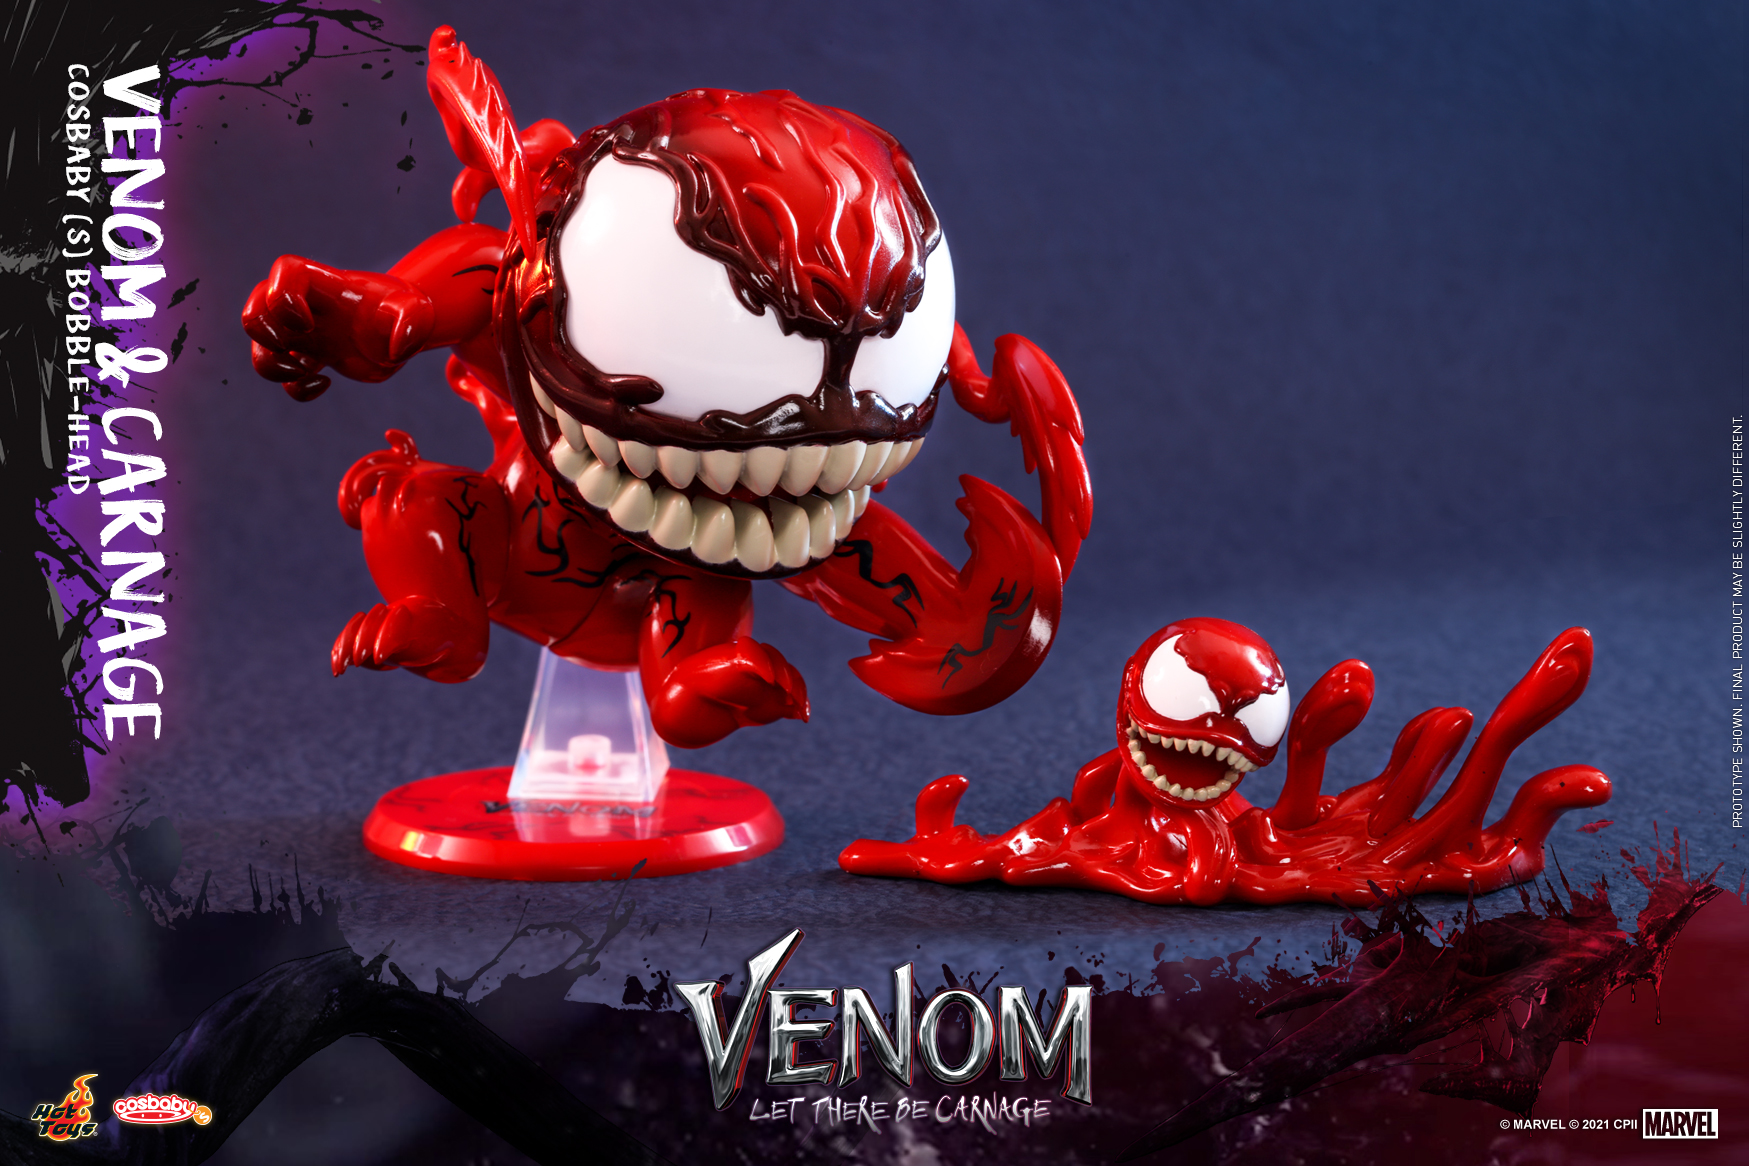 Hot Toys - Venom 2 - Venom & Carnage Cosbaby Set_PR2